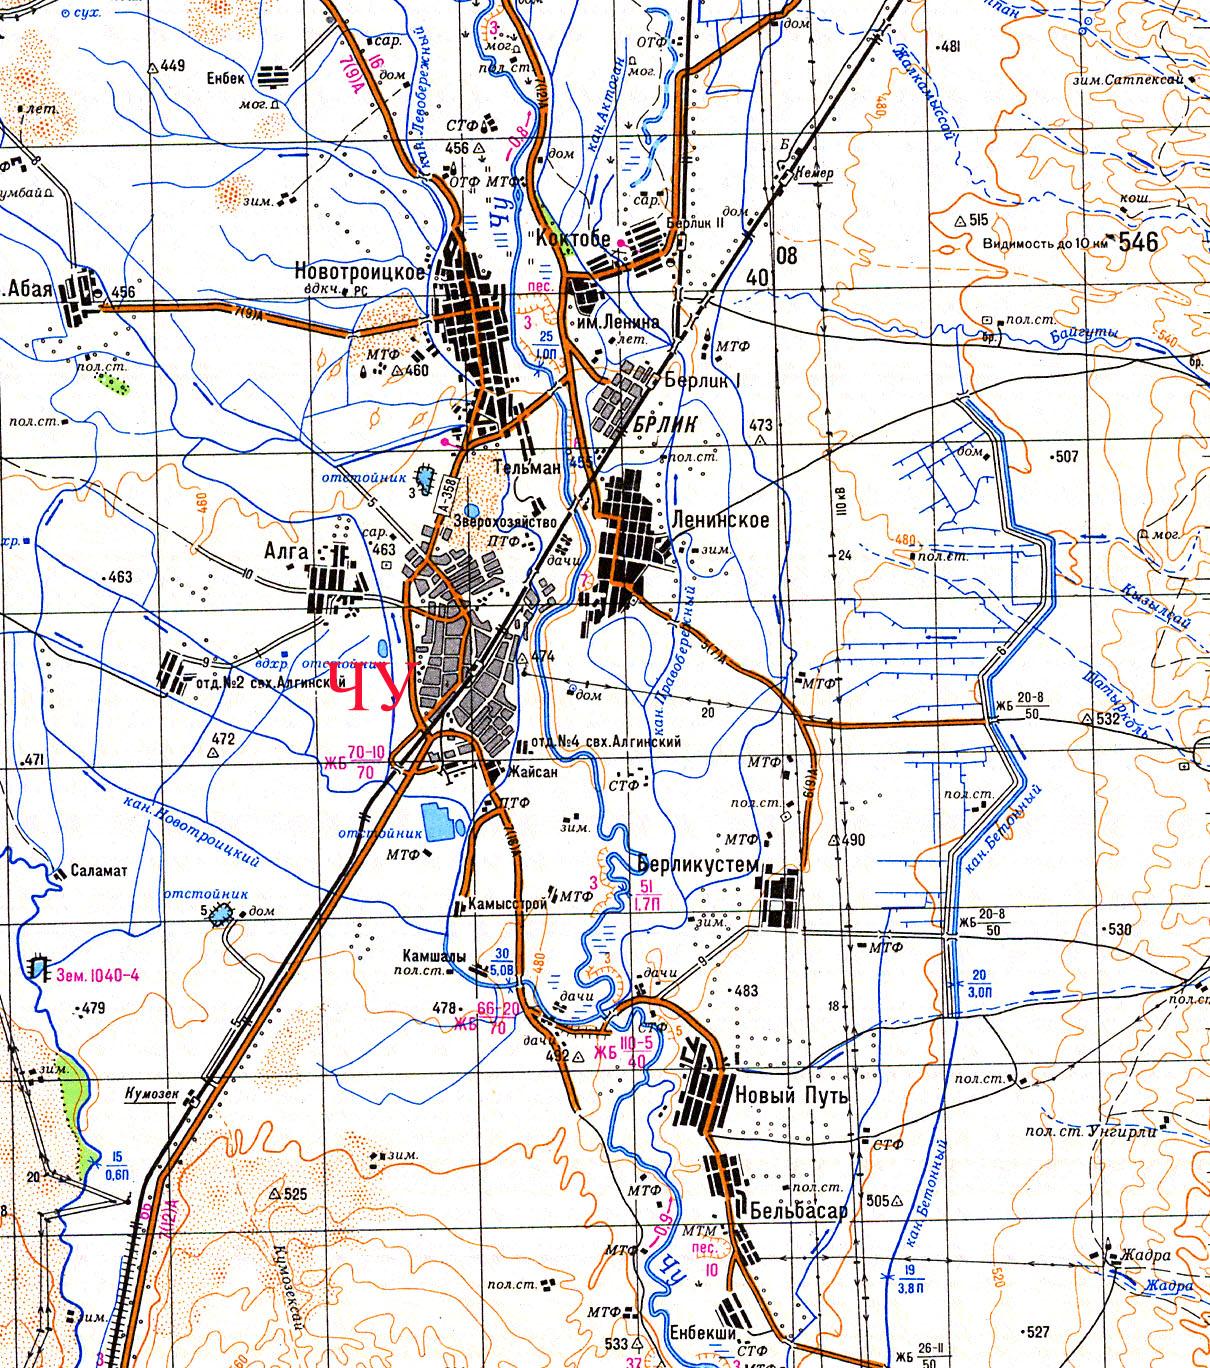 Карта Города Тараза Со Спутника